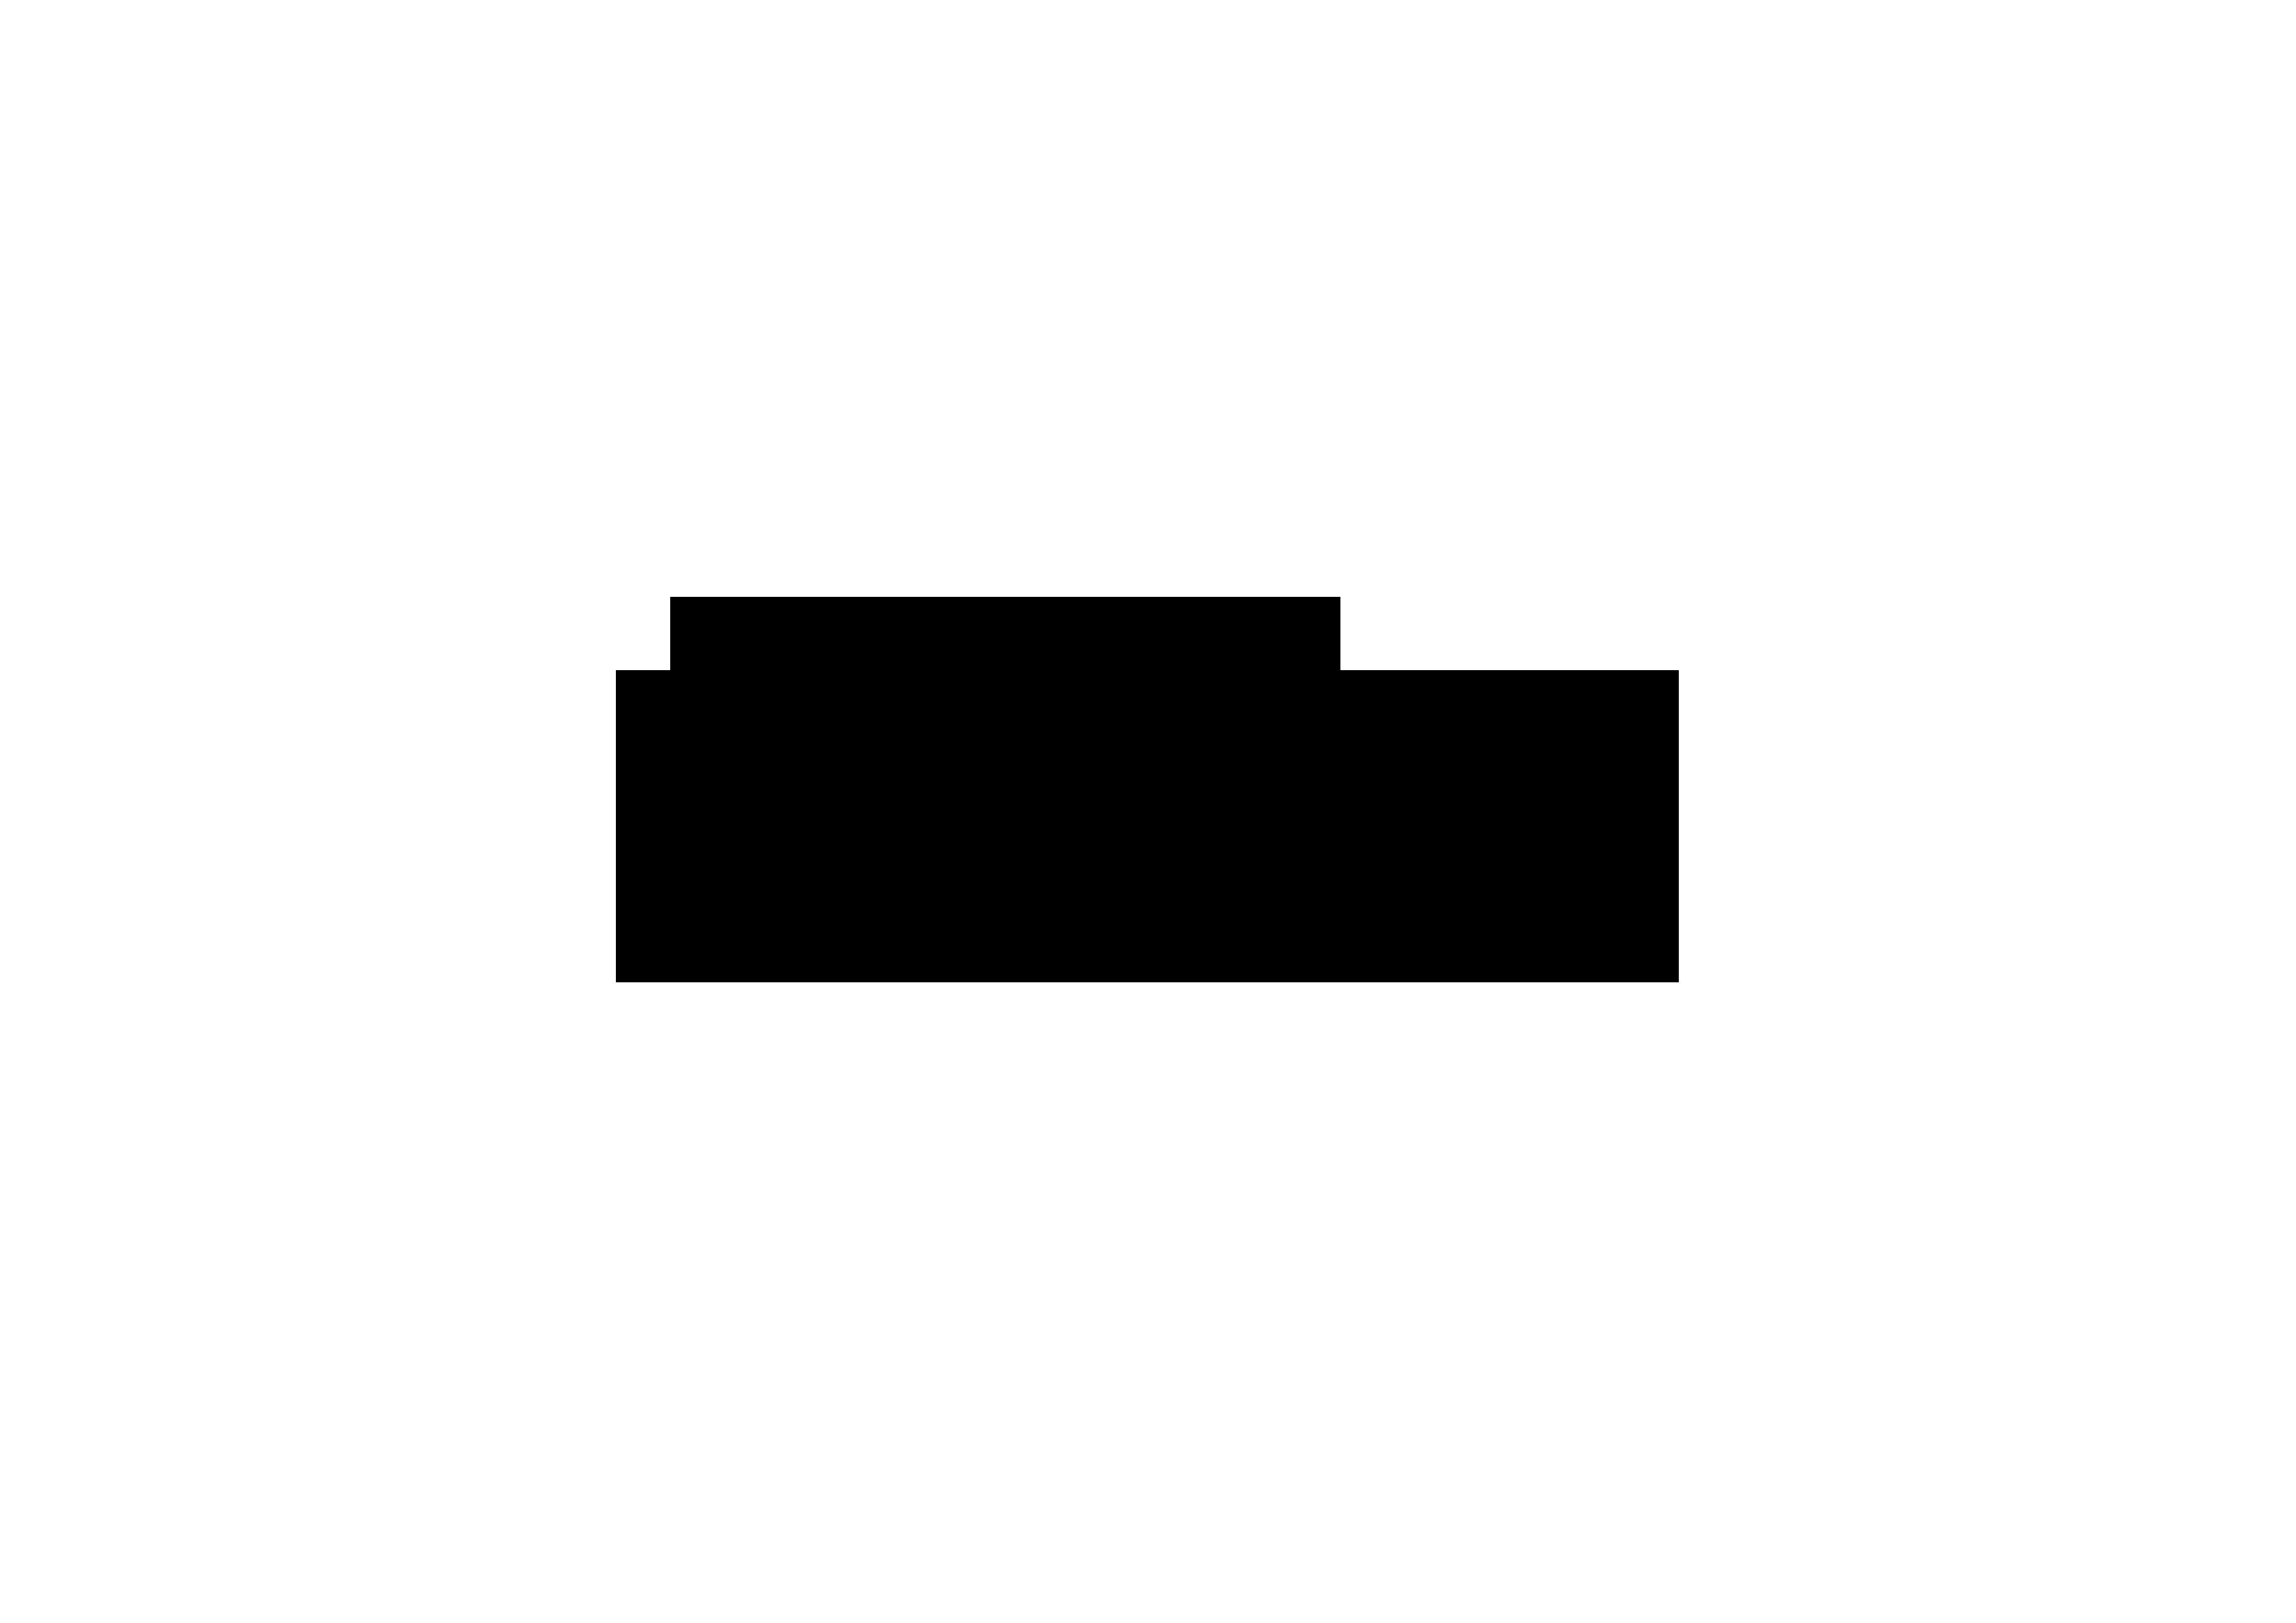 わたしたちMPMについて